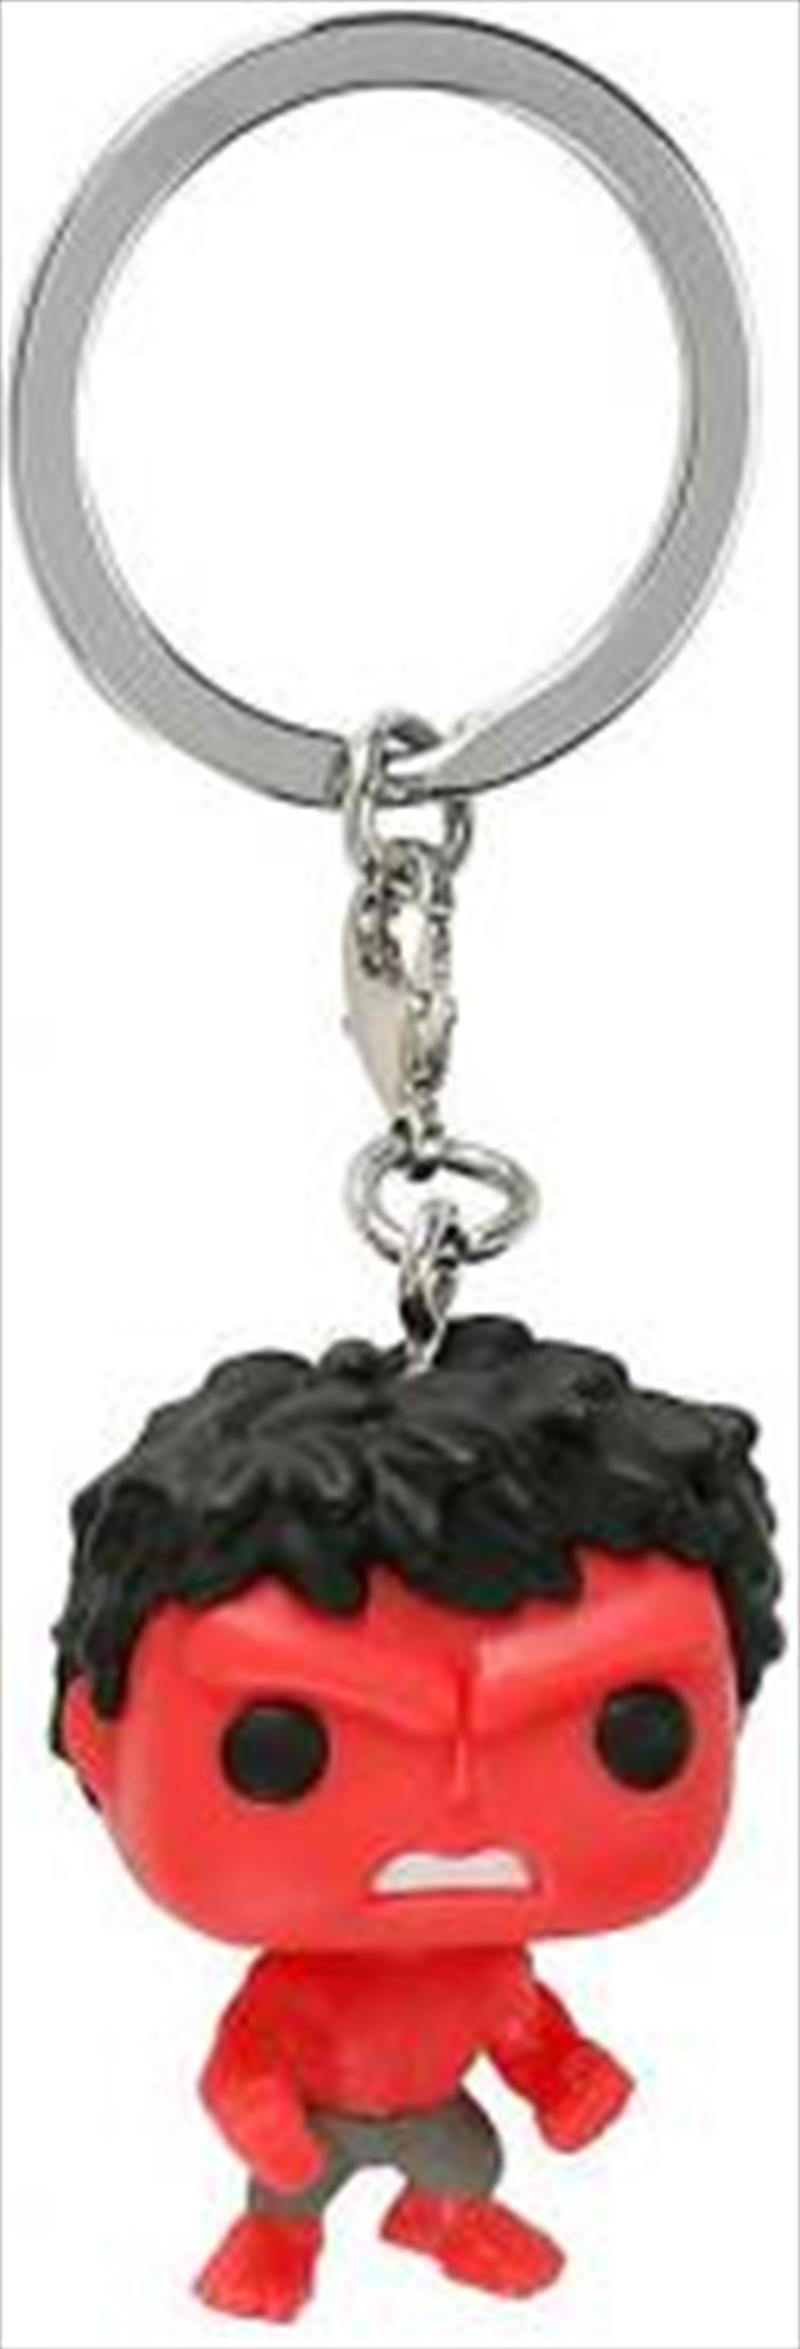 Hulk Red Pop Keychain | Accessories